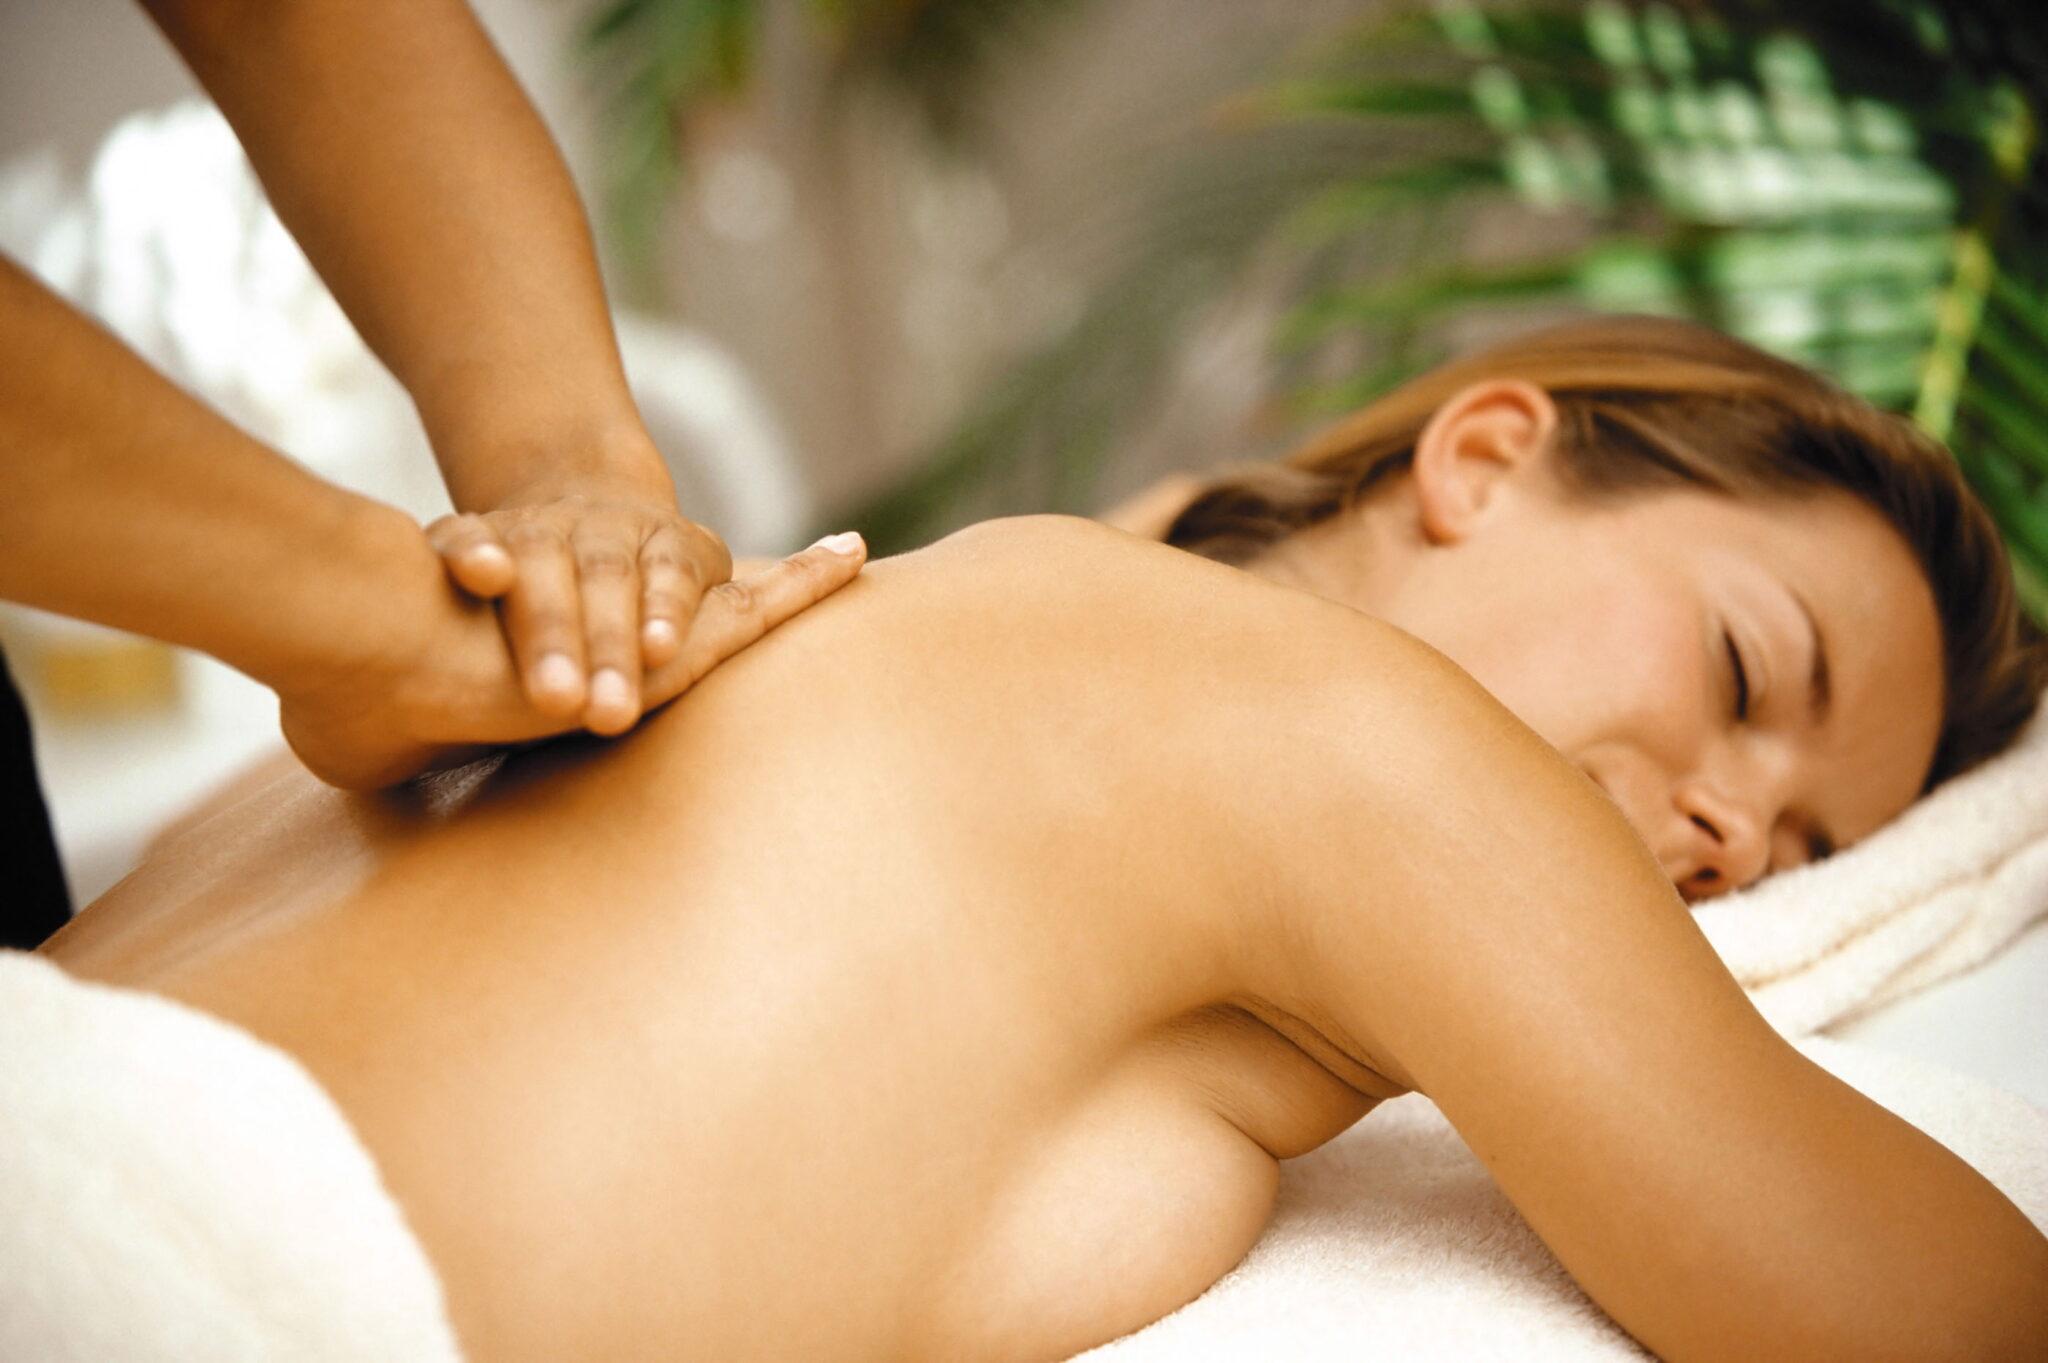 Лесбиянки массаж груди исключительно